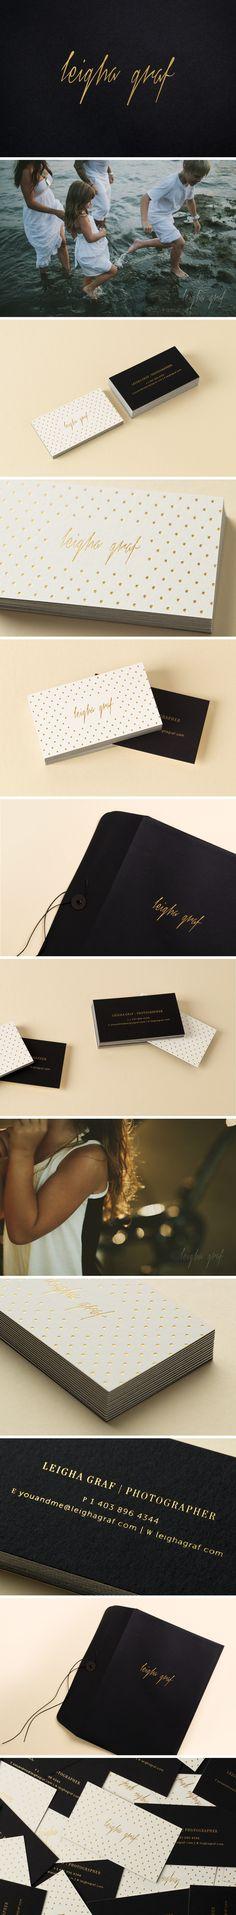 Leigha Graf - One Plus One Design